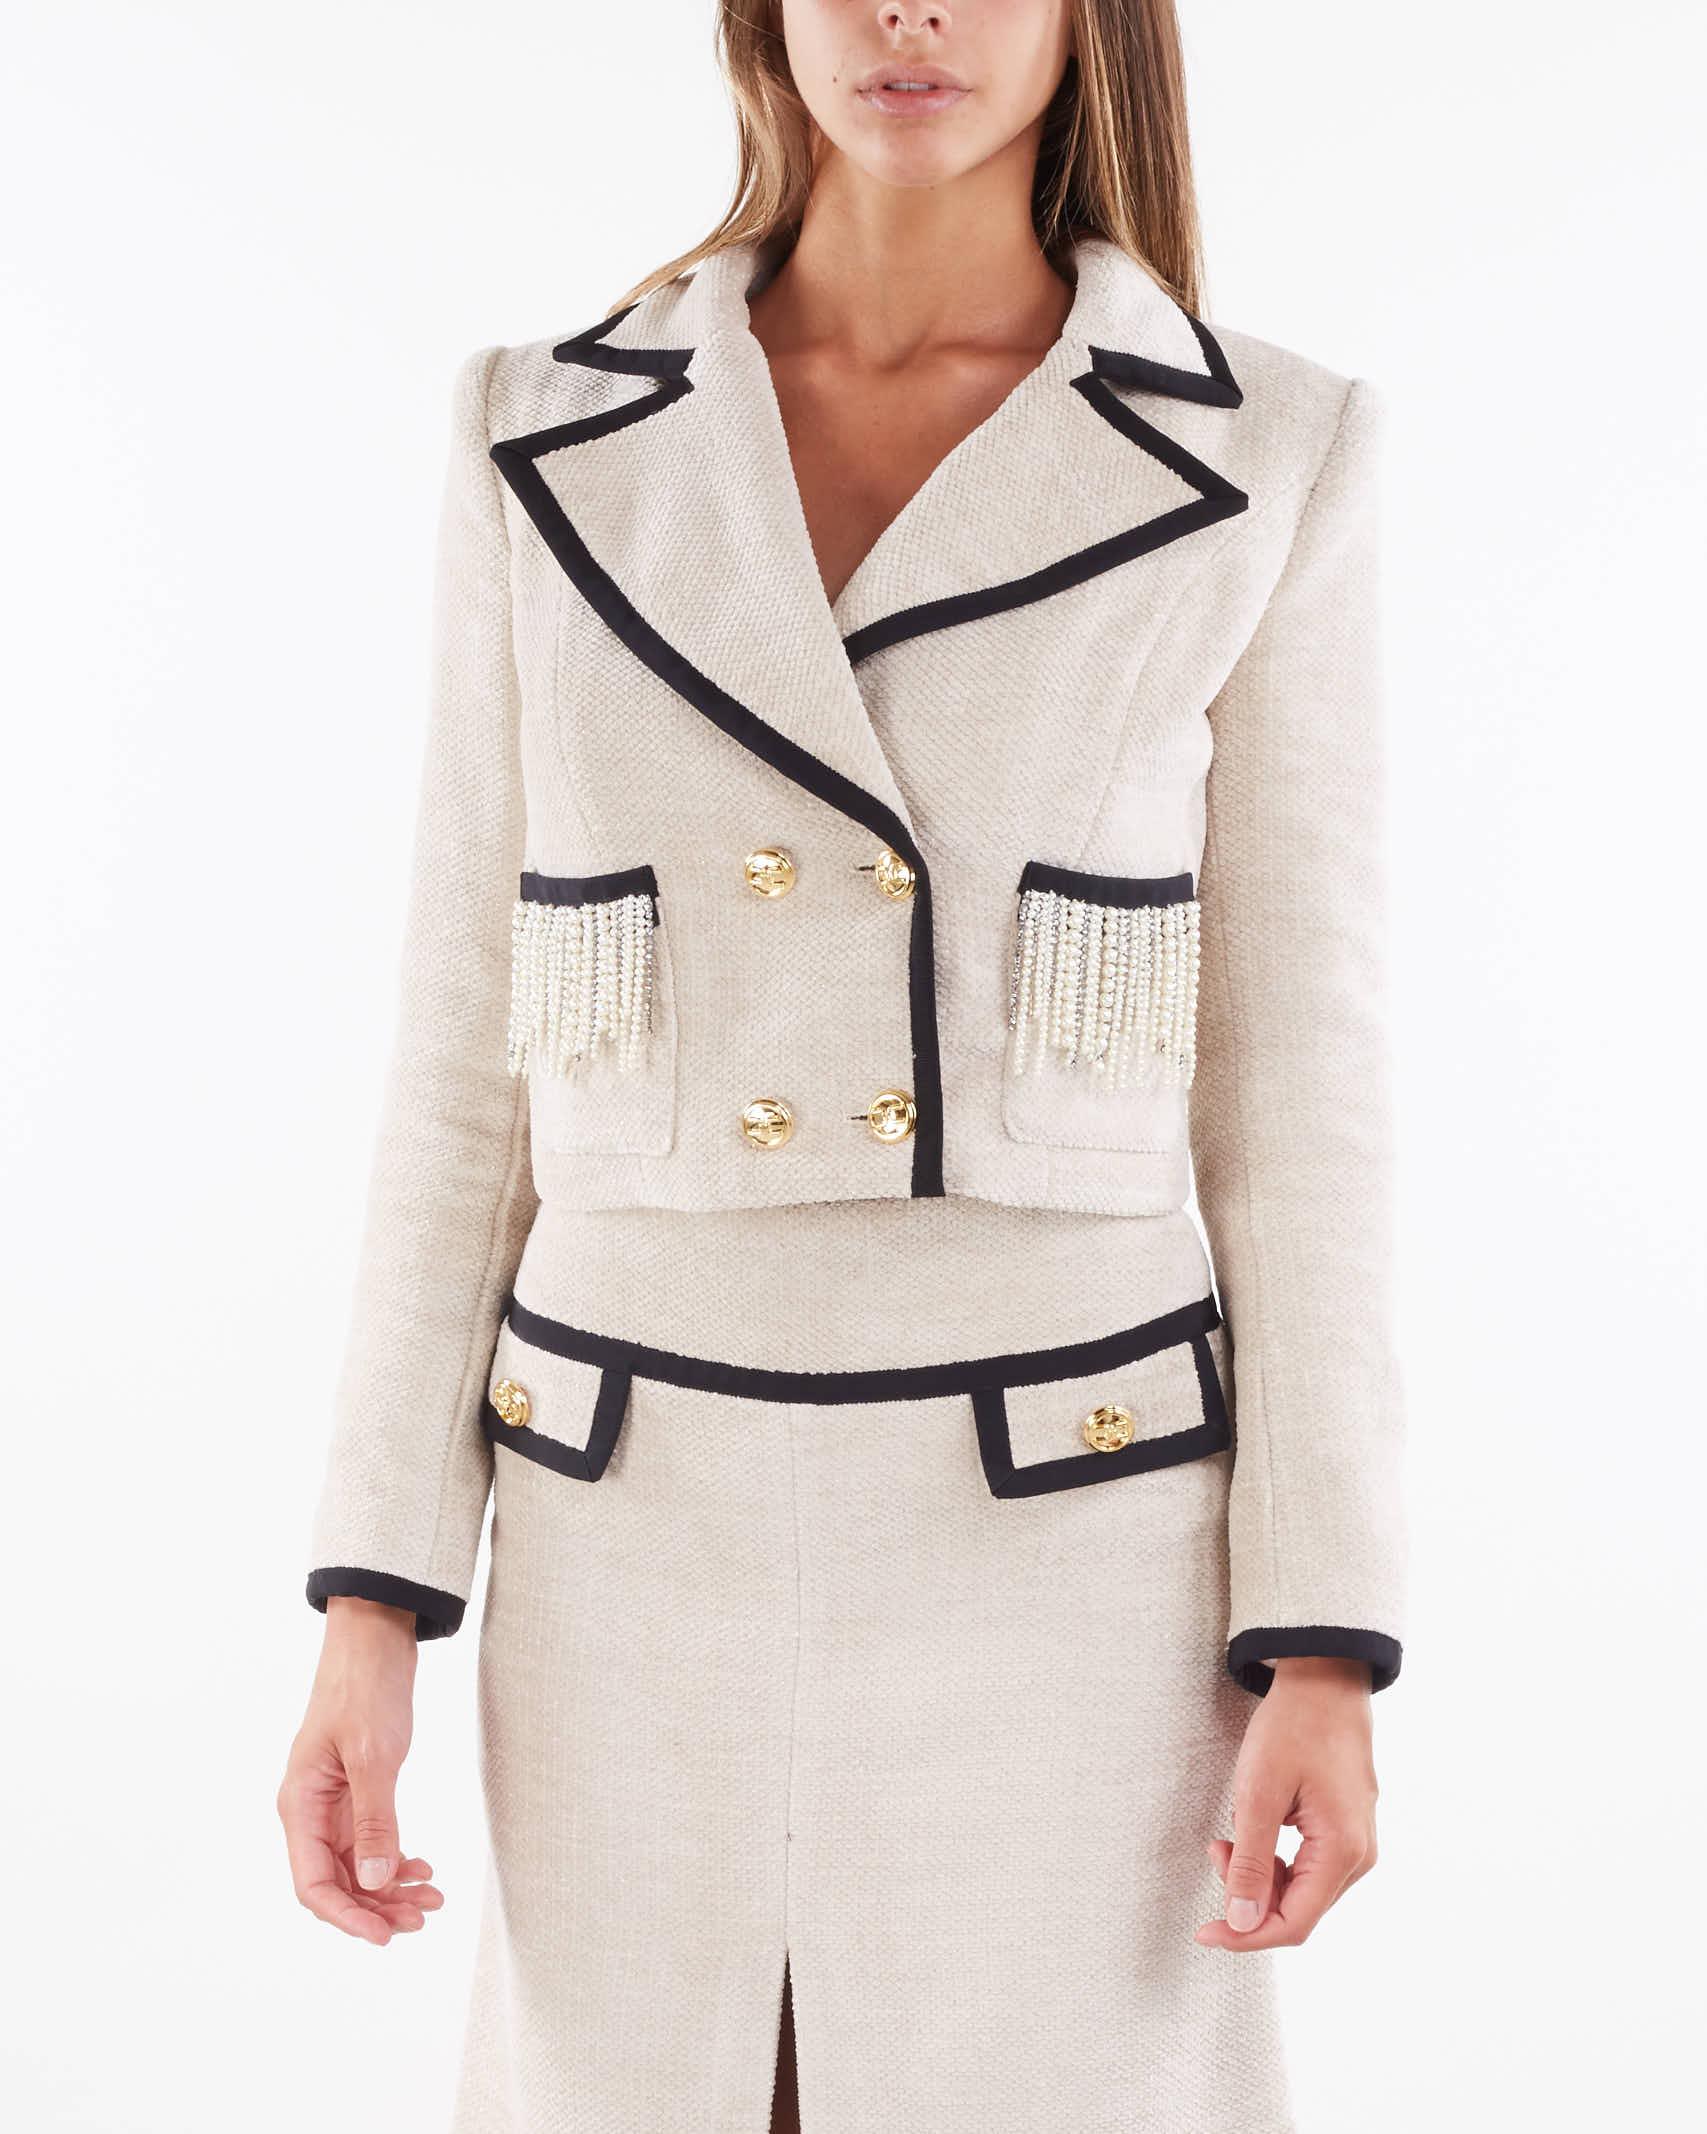 Giacca elegante in velluto con perle e strass Elisabetta Franchi ELISABETTA FRANCHI | Giacca | GI01316E2E84